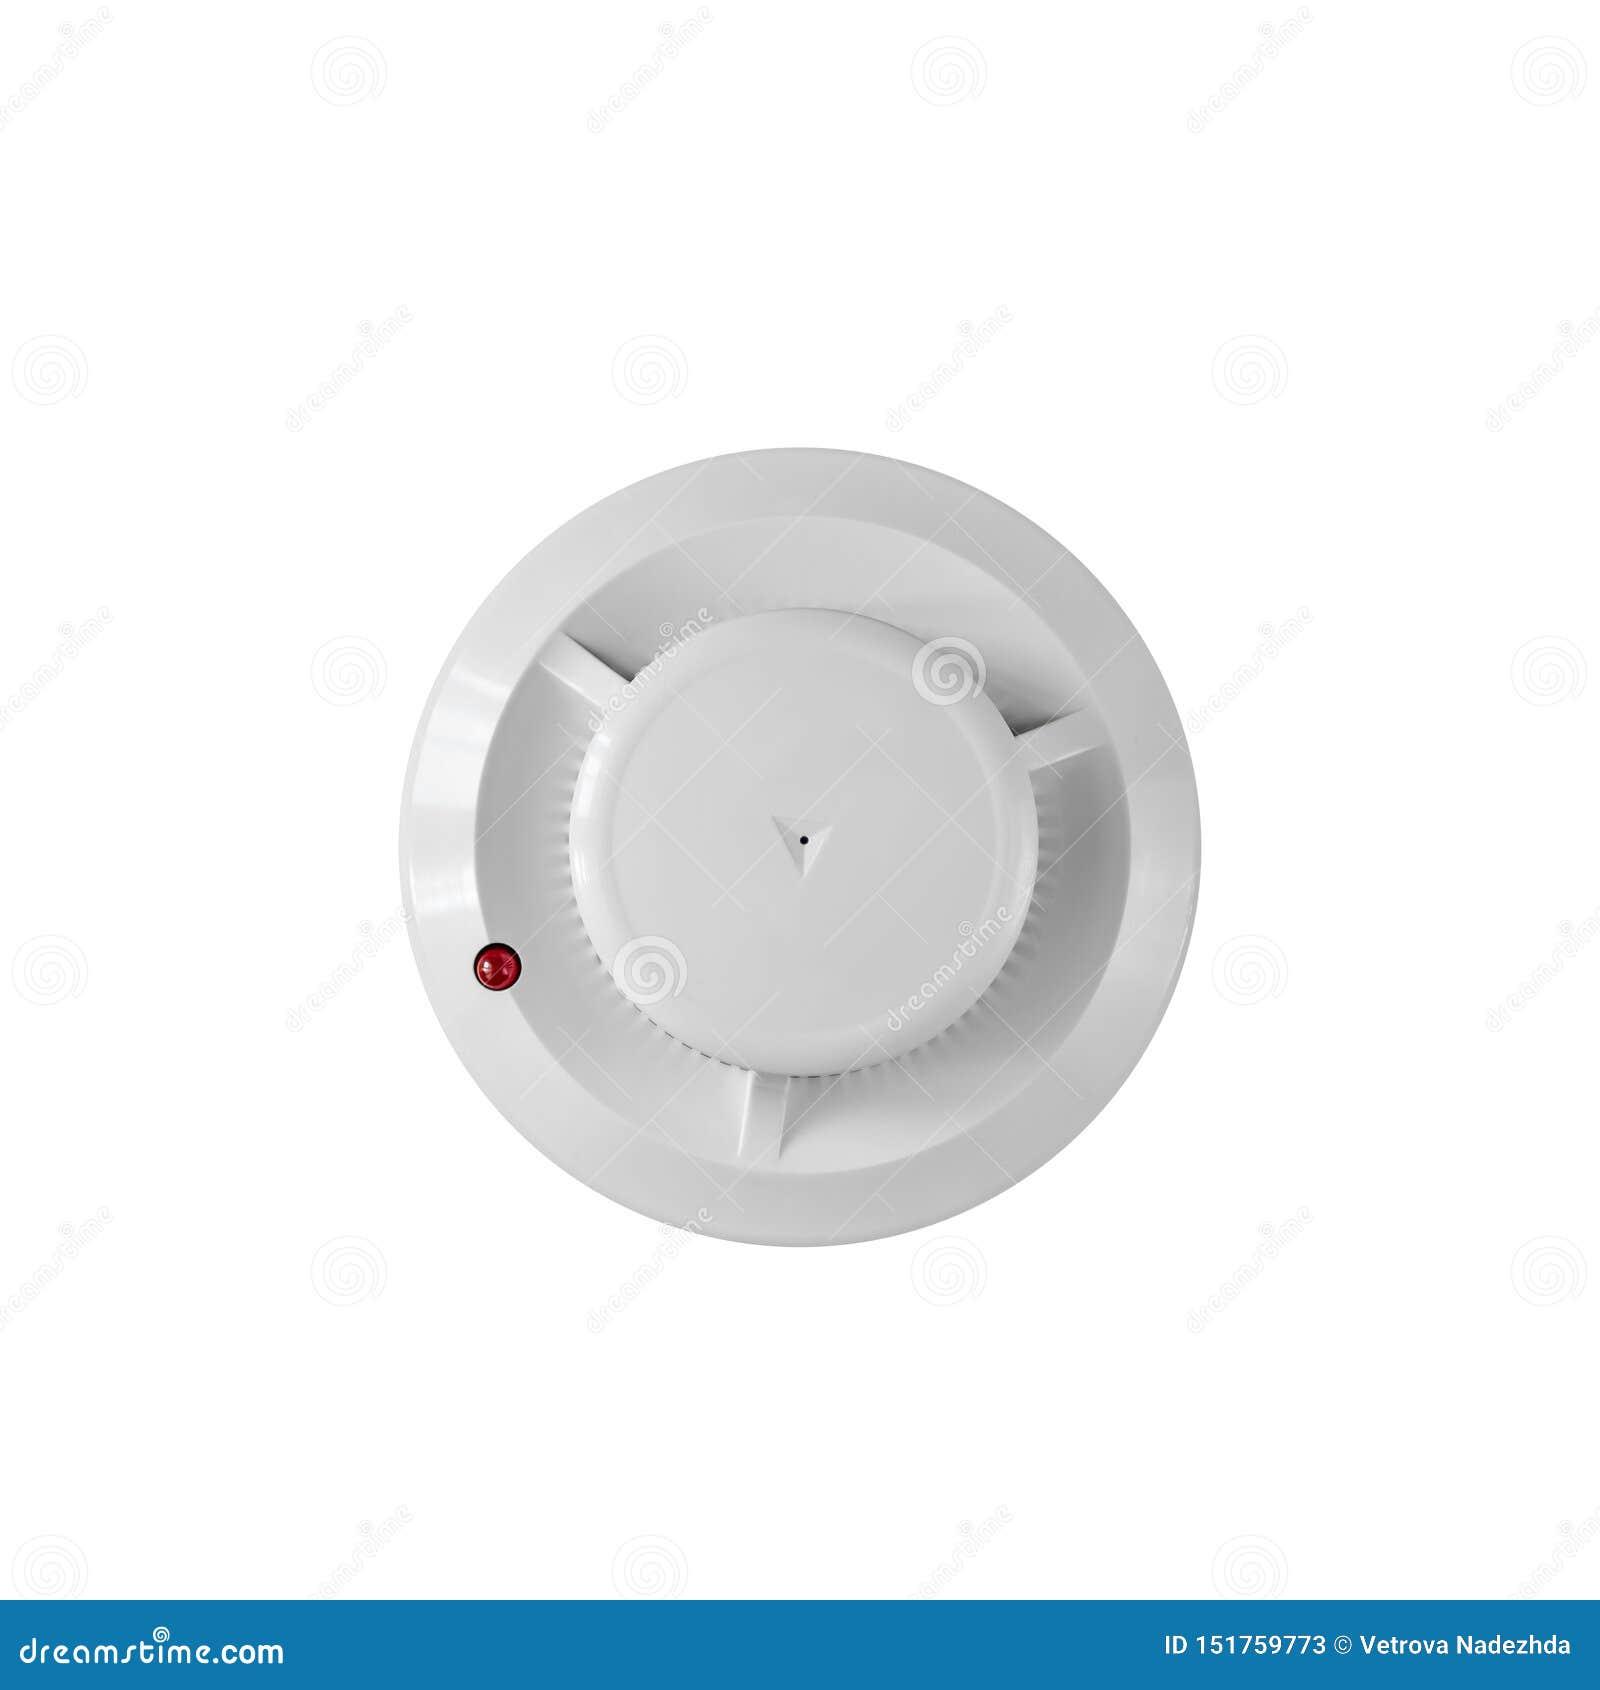 Detector de fumo e detector de fogo em um fundo branco Configuração lisa do alarme de incêndio